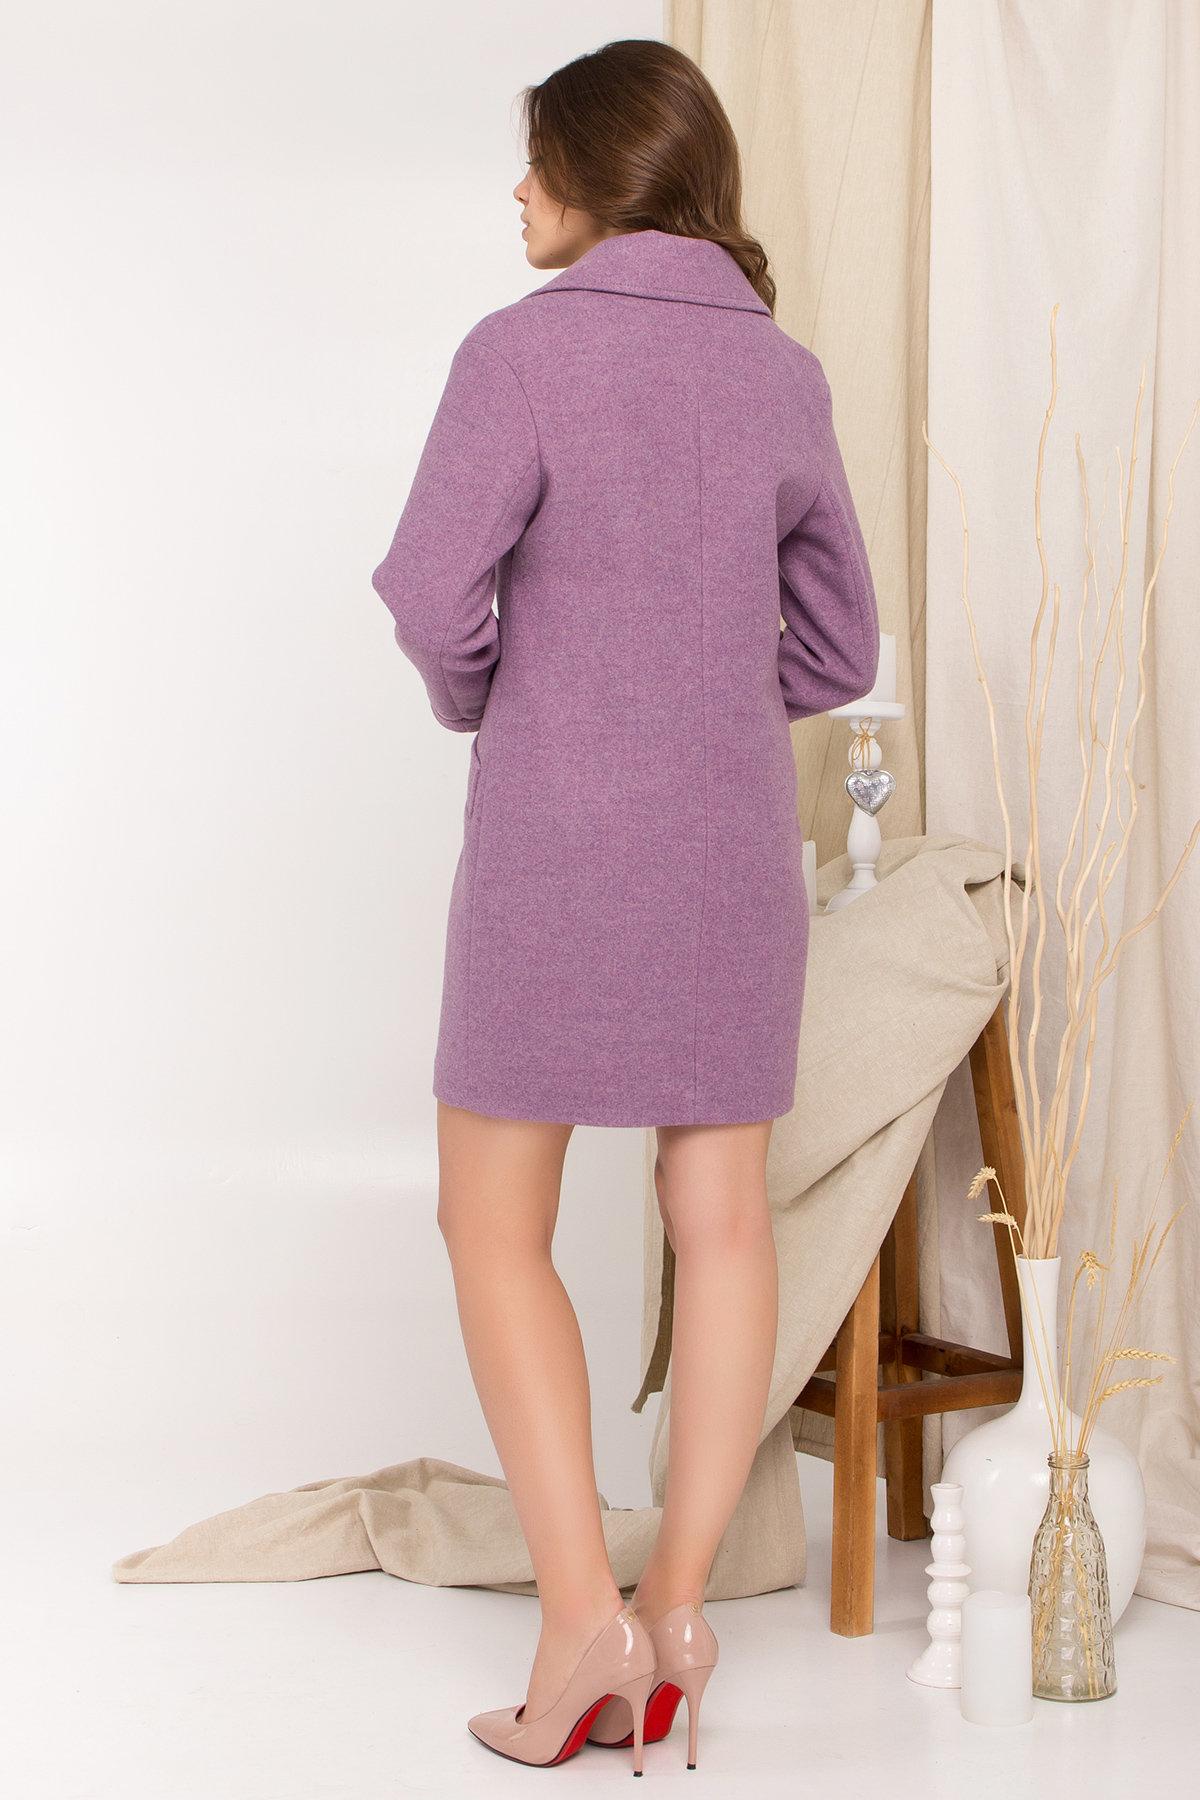 Пальто Вейсона 8801 АРТ. 45352 Цвет: Сирень 42 - фото 2, интернет магазин tm-modus.ru